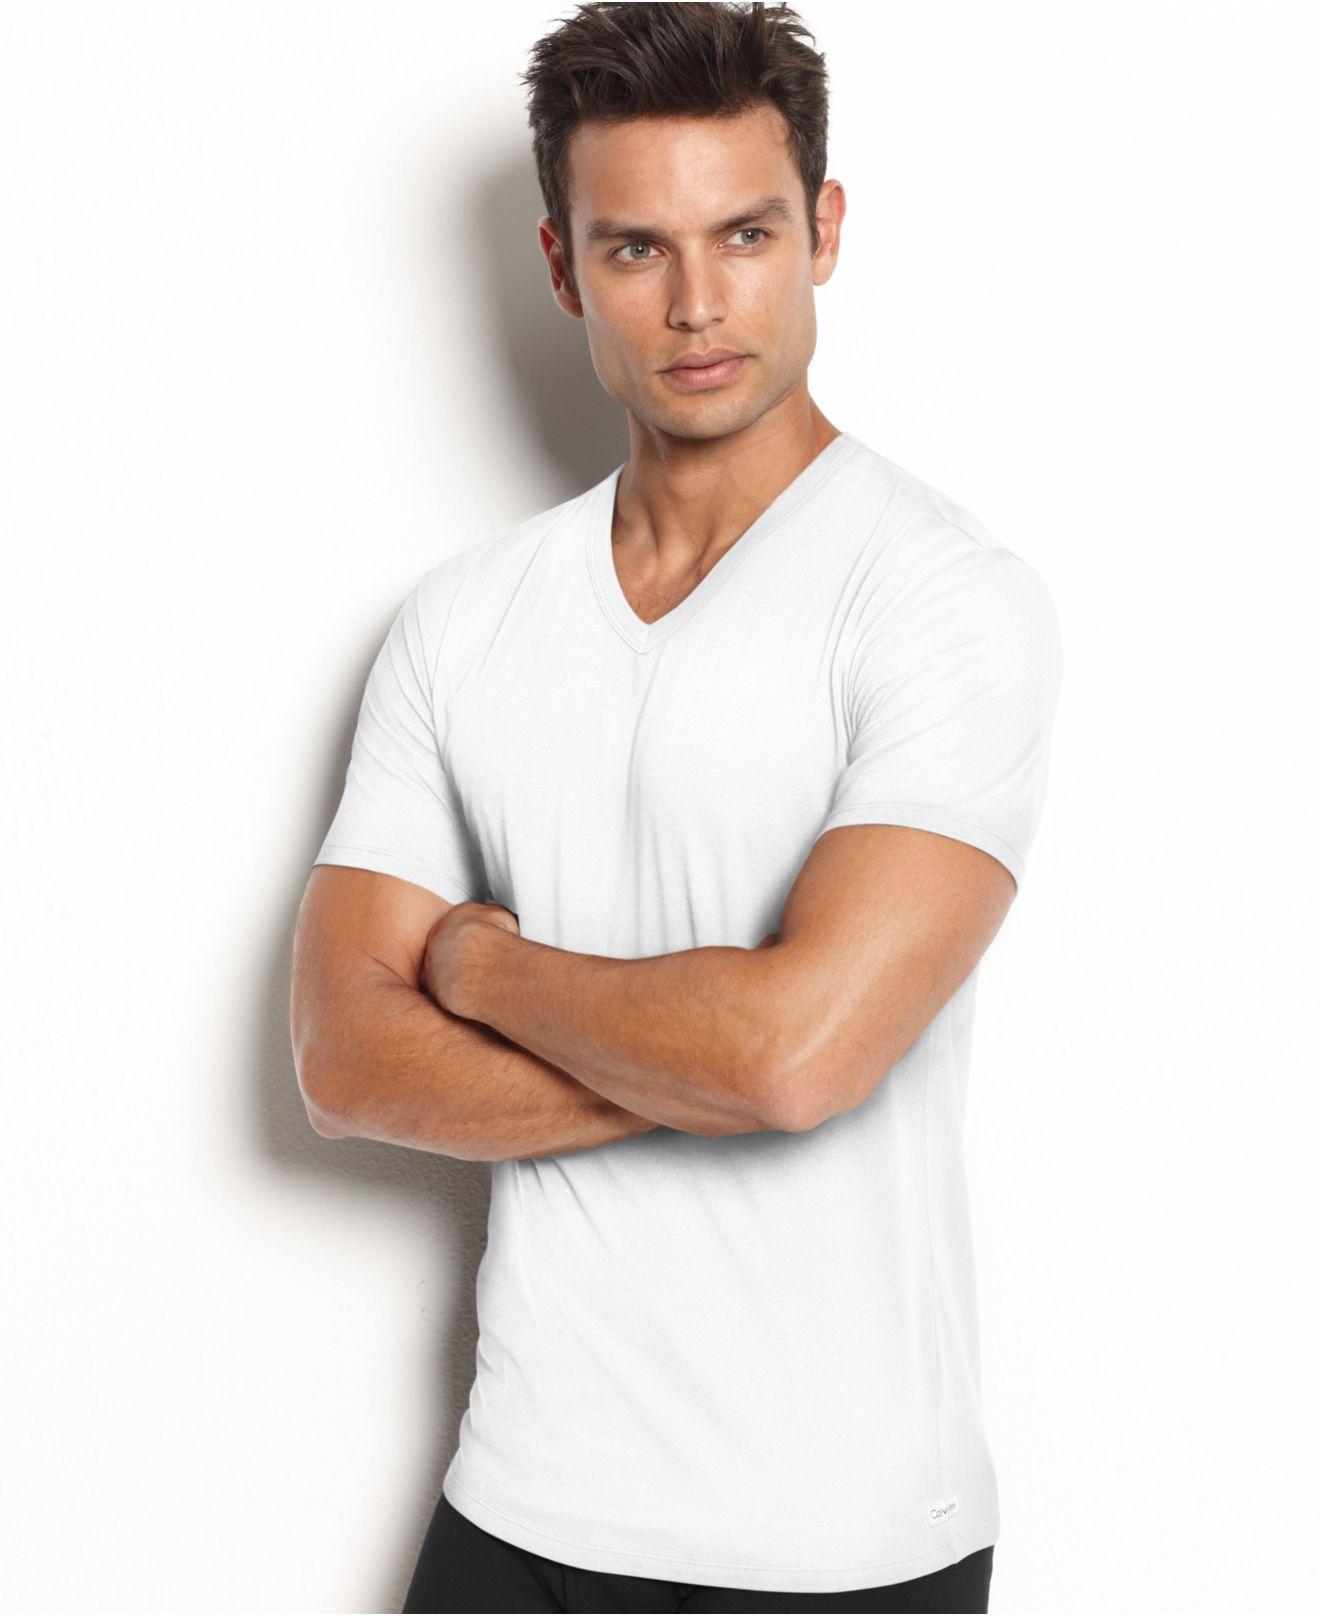 Calvin klein men 39 s stretch cotton v neck t shirt 2 pack for White v neck shirt mens